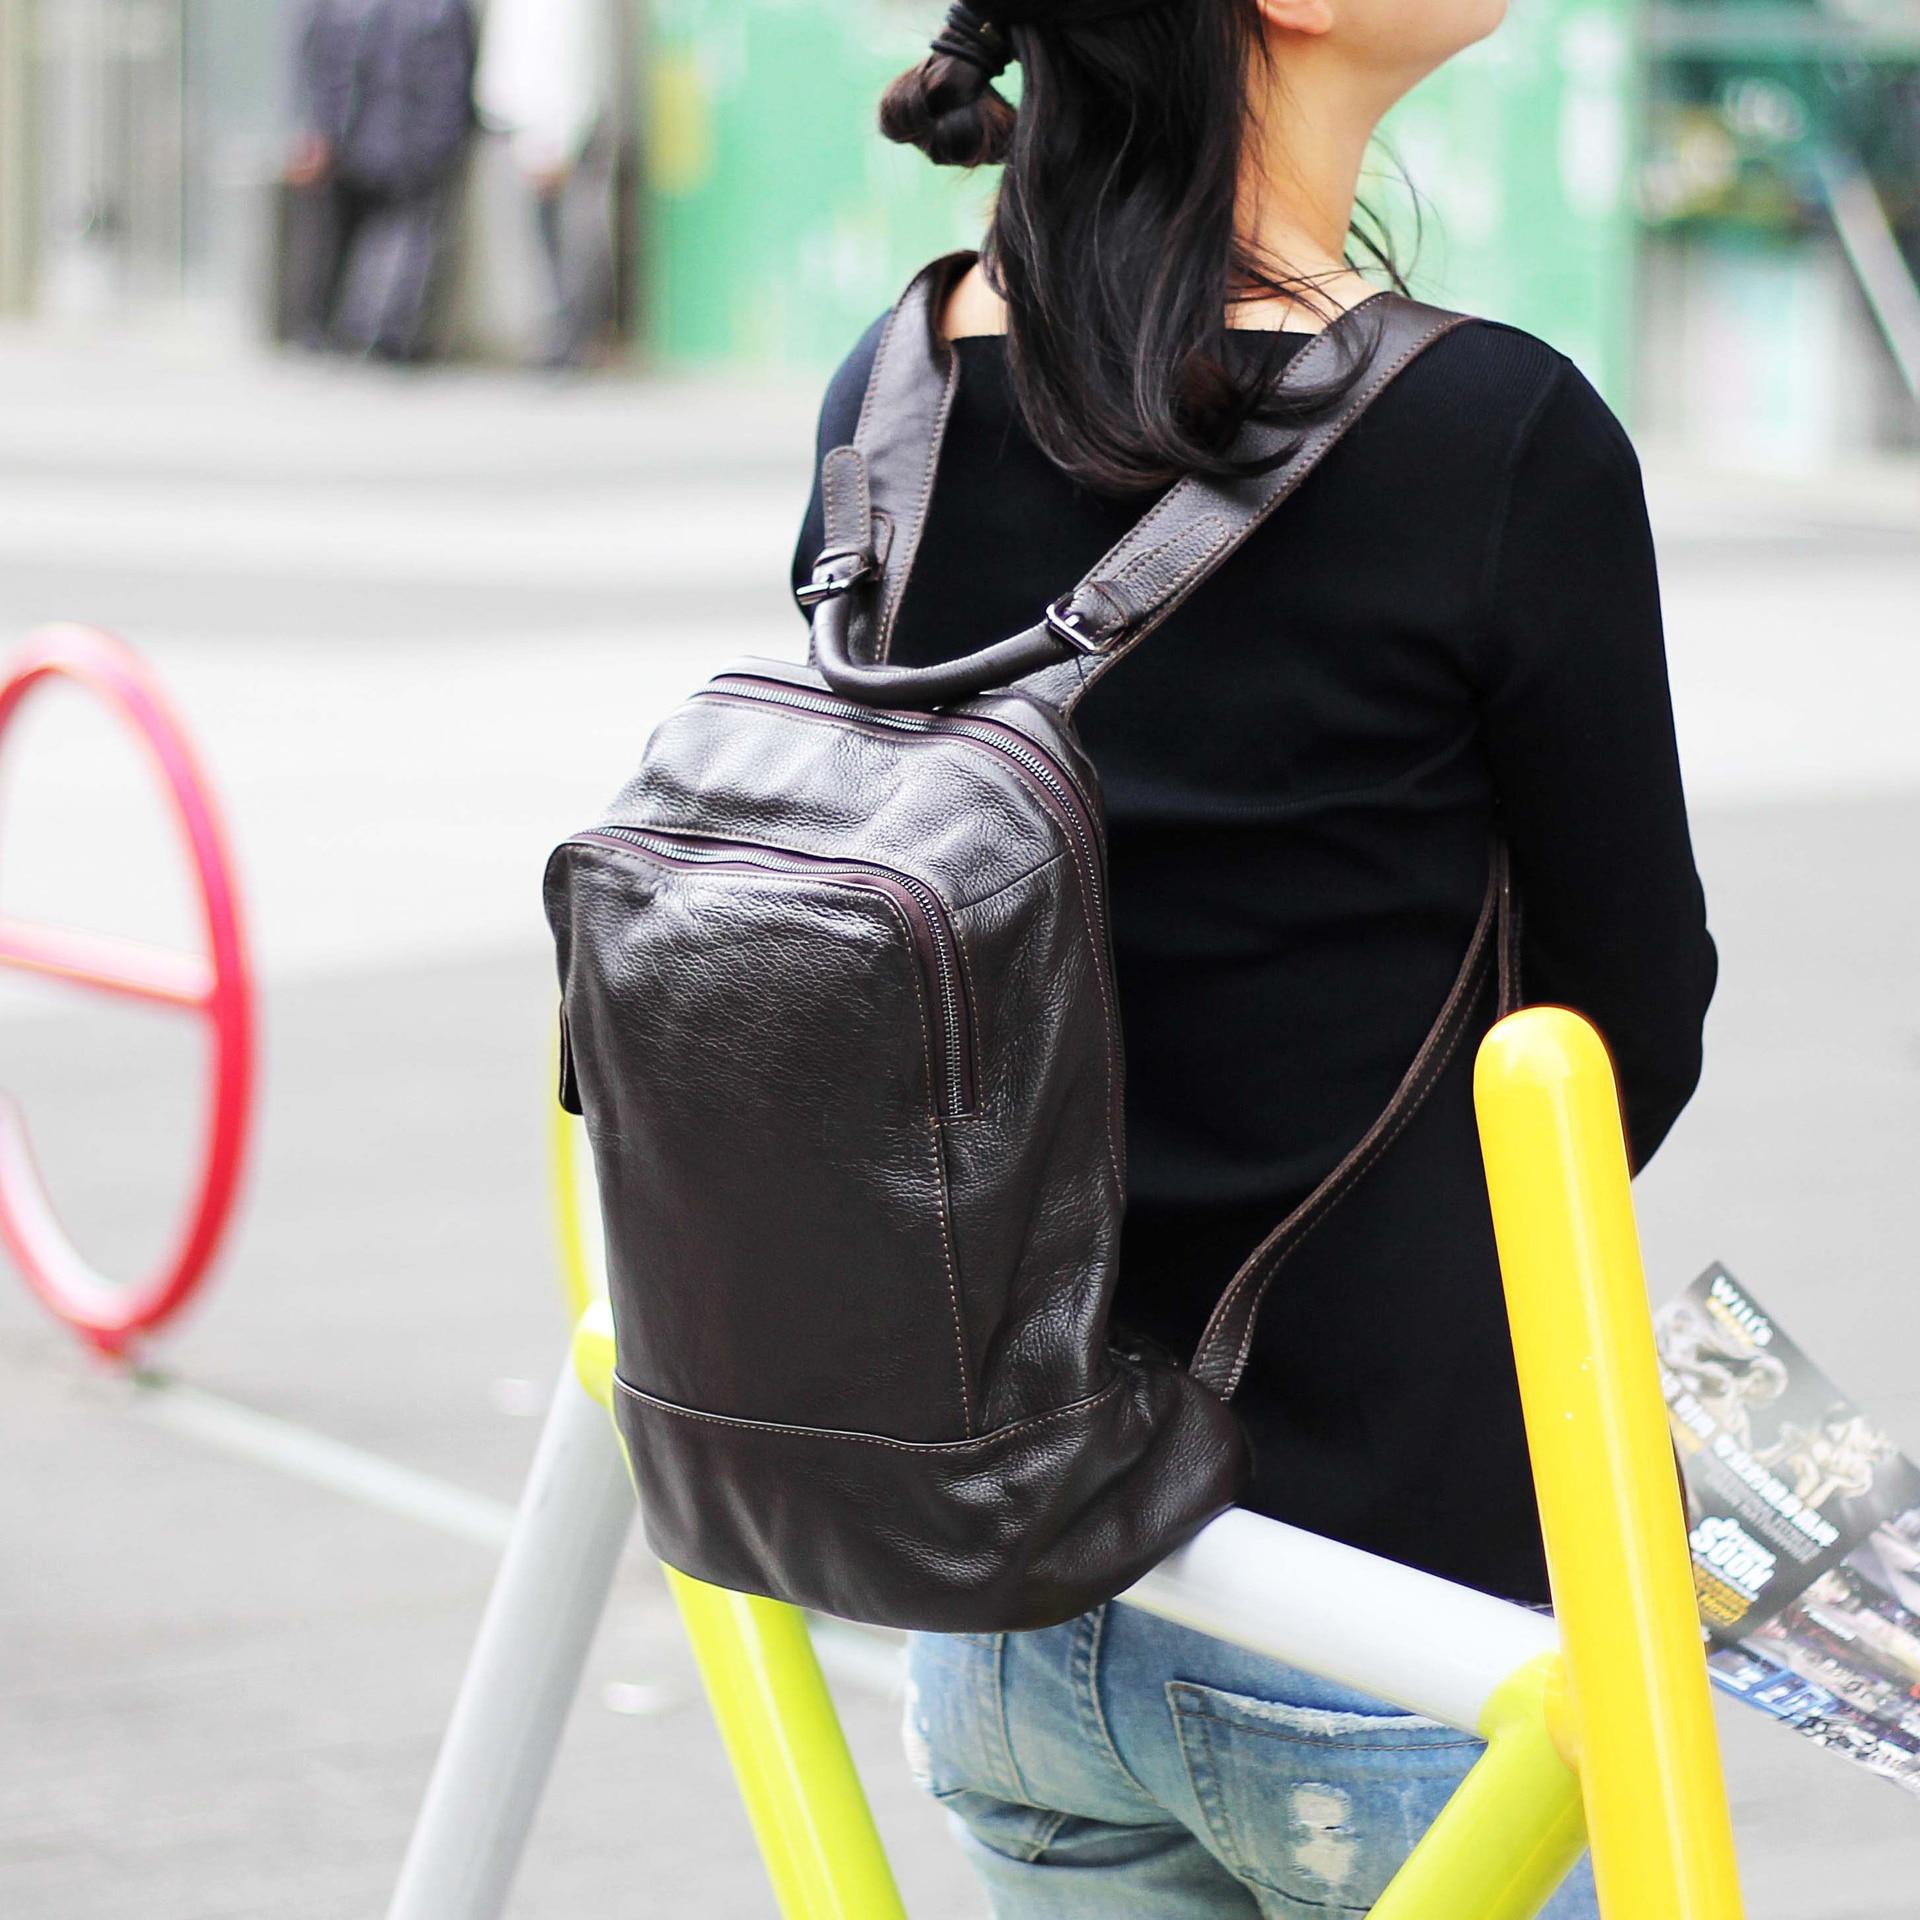 Noir À mocha Mode Femme Hommes Black Preppy Vacances Jouet Nouveau 100 Sac Style Cartable Décontracté Cuir En Dame Pour De Véritable Fille Dos 6Fq5BX